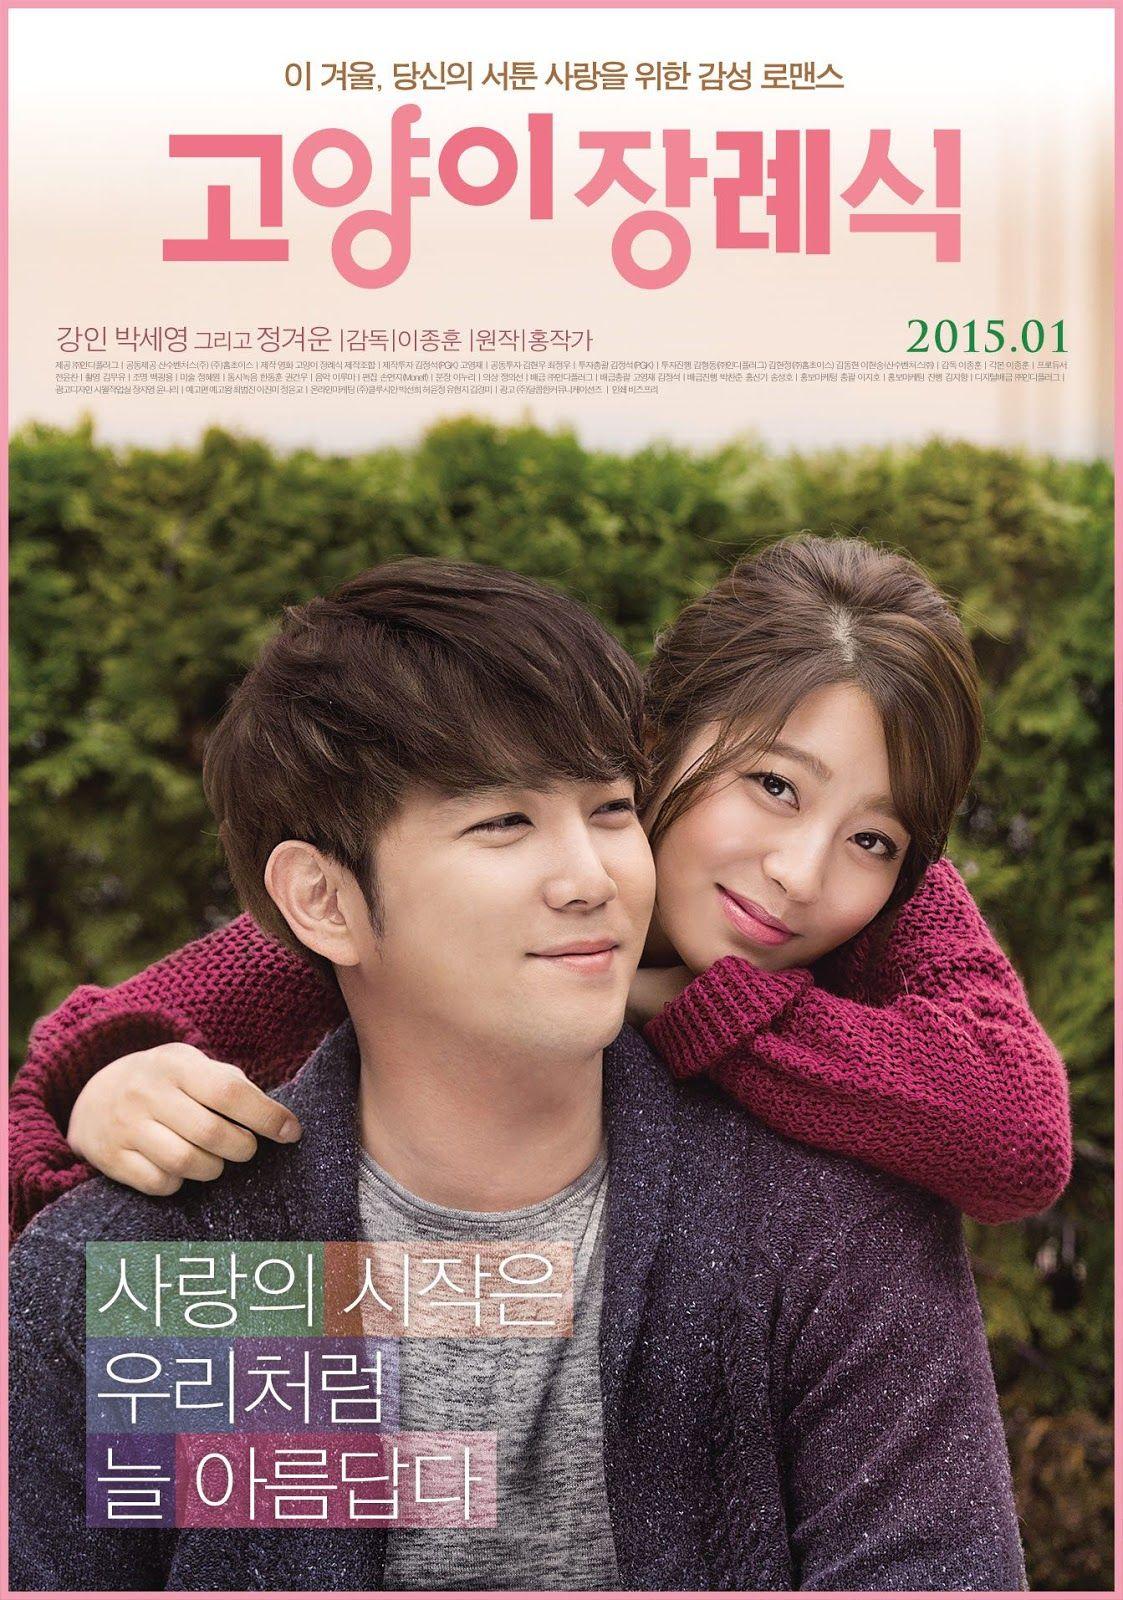 Download Film Korea Terbaru The Funeral Cat (2015